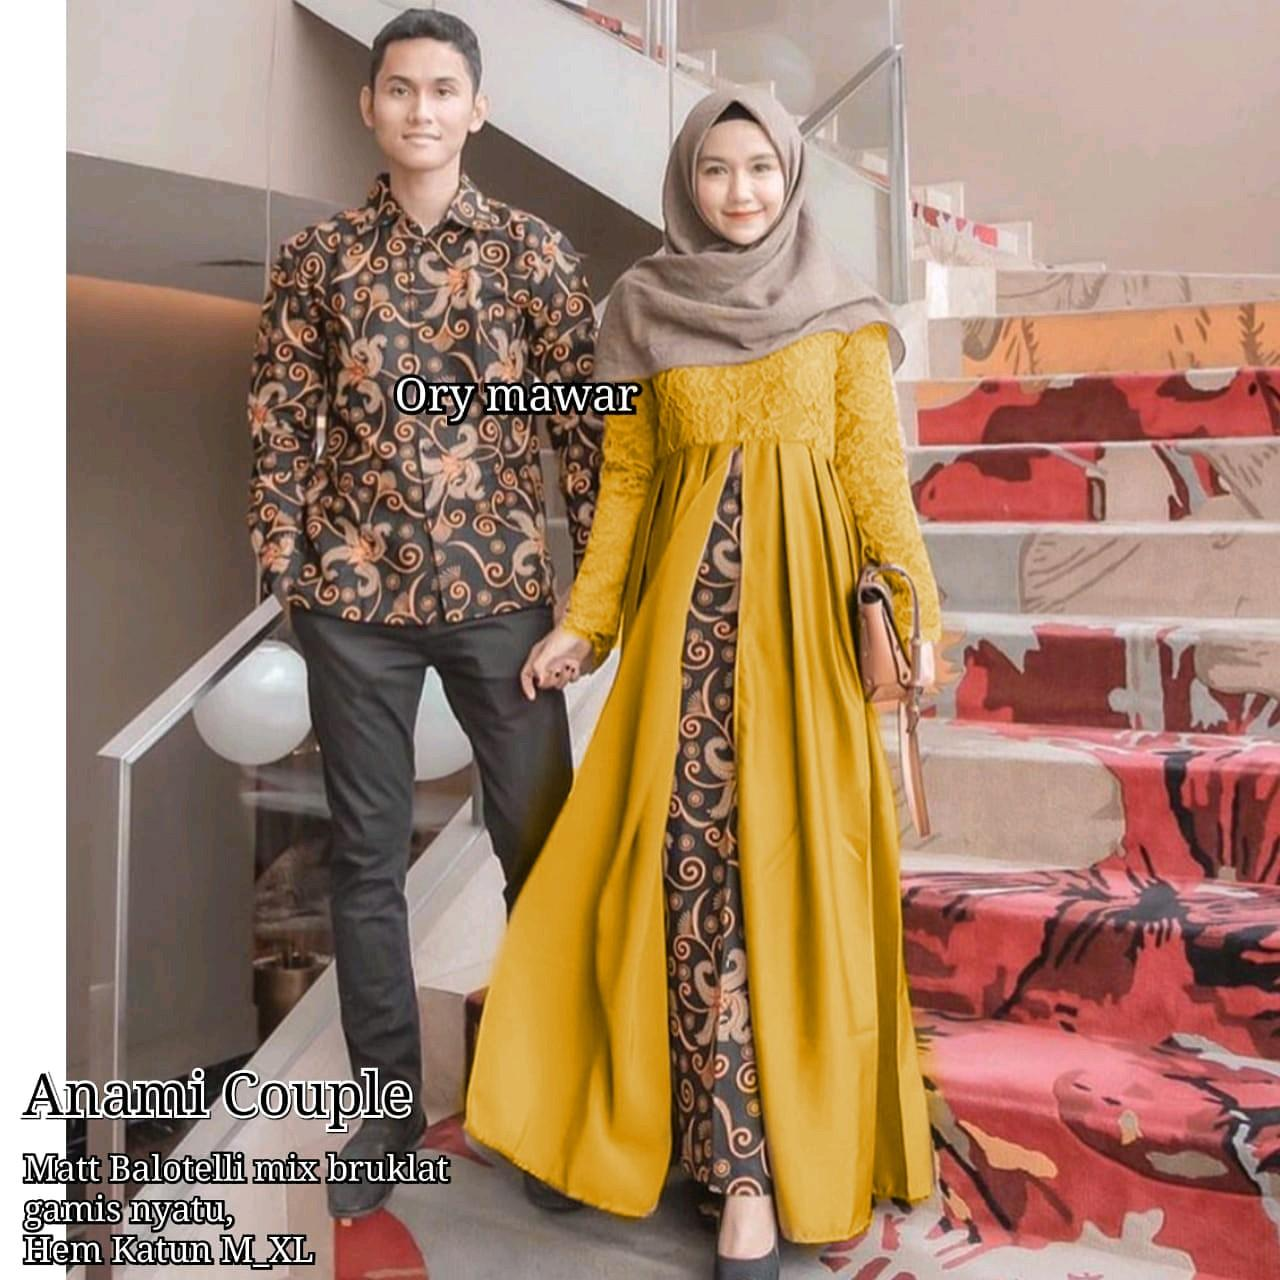 TERMURAH - Batik Couple / Couple Batik / Baju Muslim Wanita Terbaru 2018 / Batik Murah / Batik Sarimbit / Baju Batik Couple Modern / Batik Kondangan / Batik Keluarga / Batik Pekalongan - Baju Batik Cp Anami